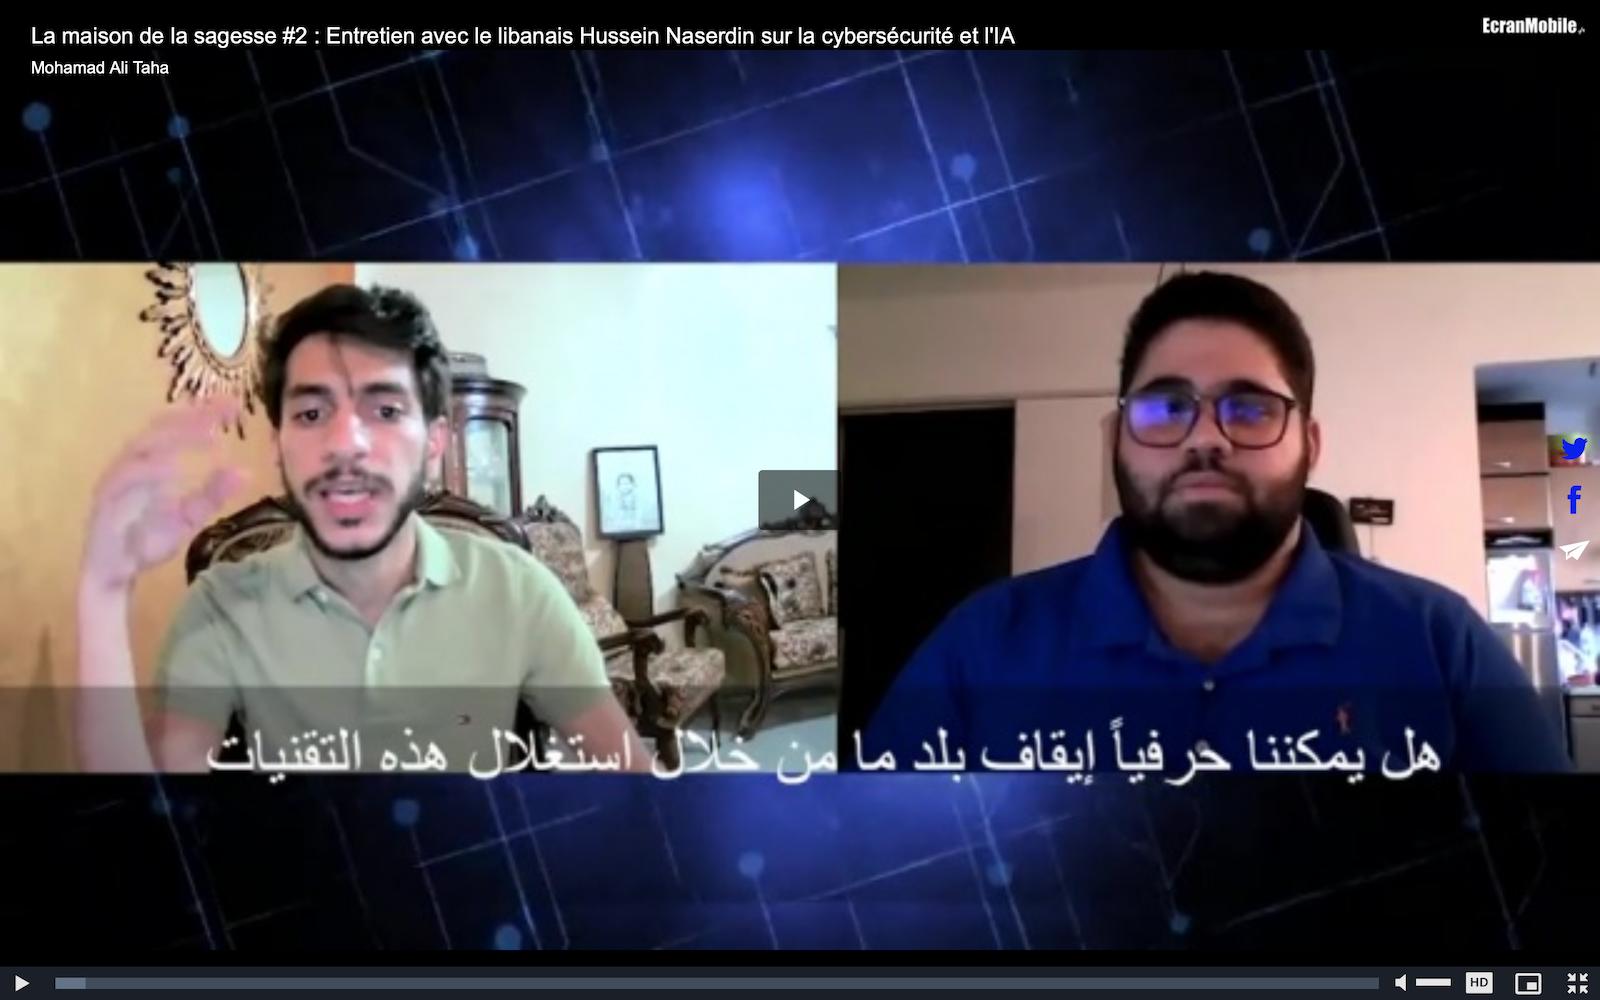 La maison de la sagesse #2 : Entretien avec le libanais Hussein Naserdin sur la cybersécurité et l'IA